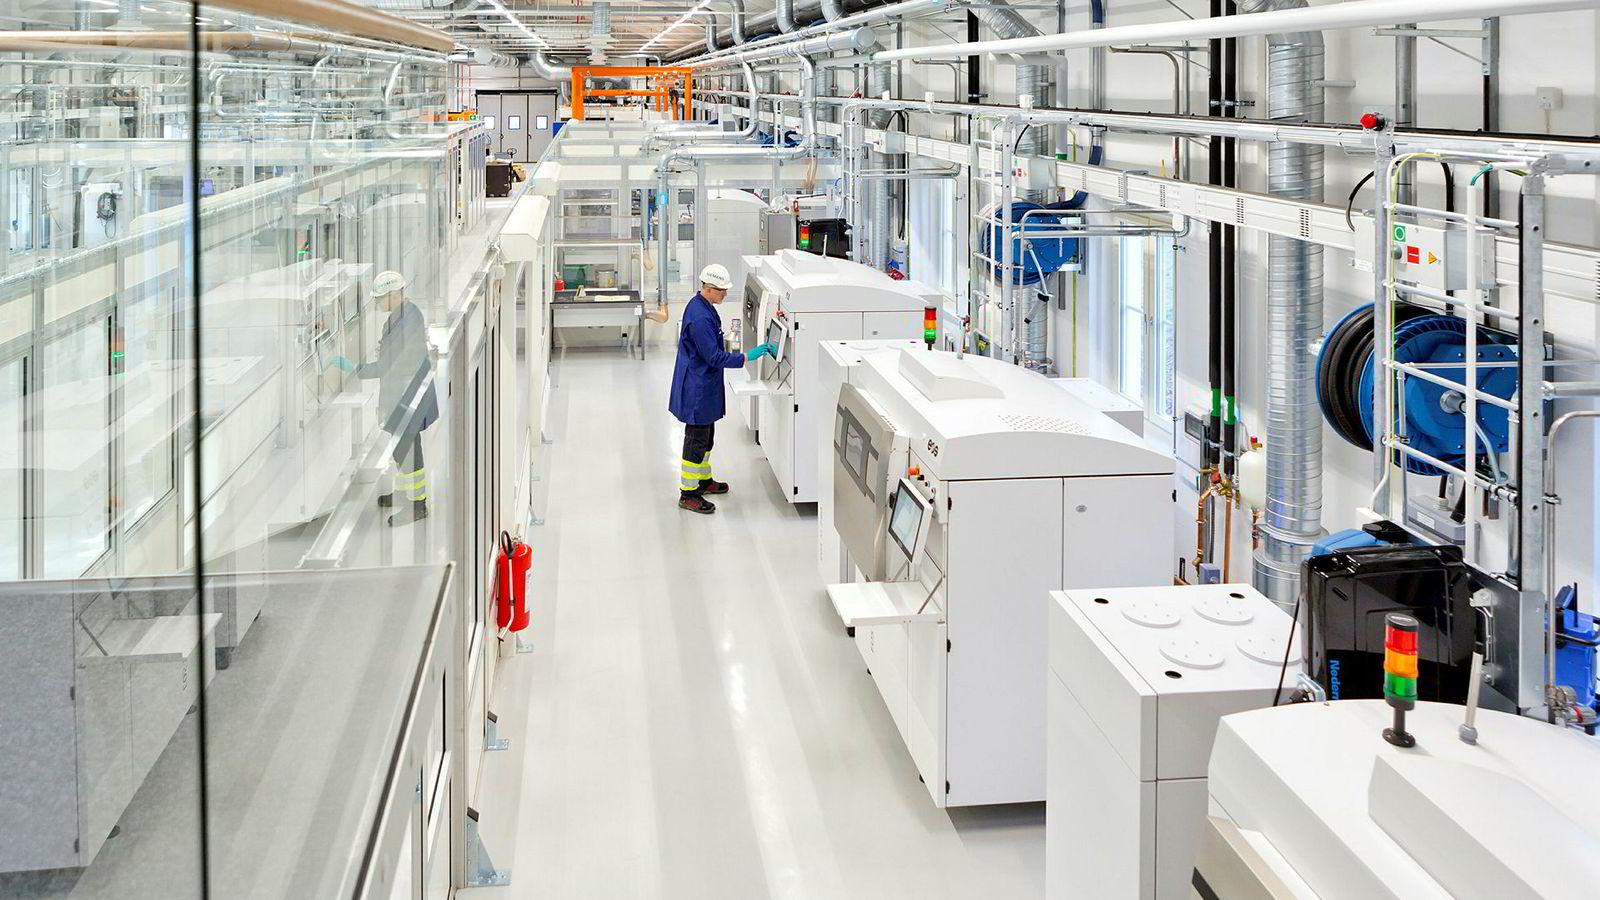 Denne maskinen snur tradisjonell produksjon på hodet